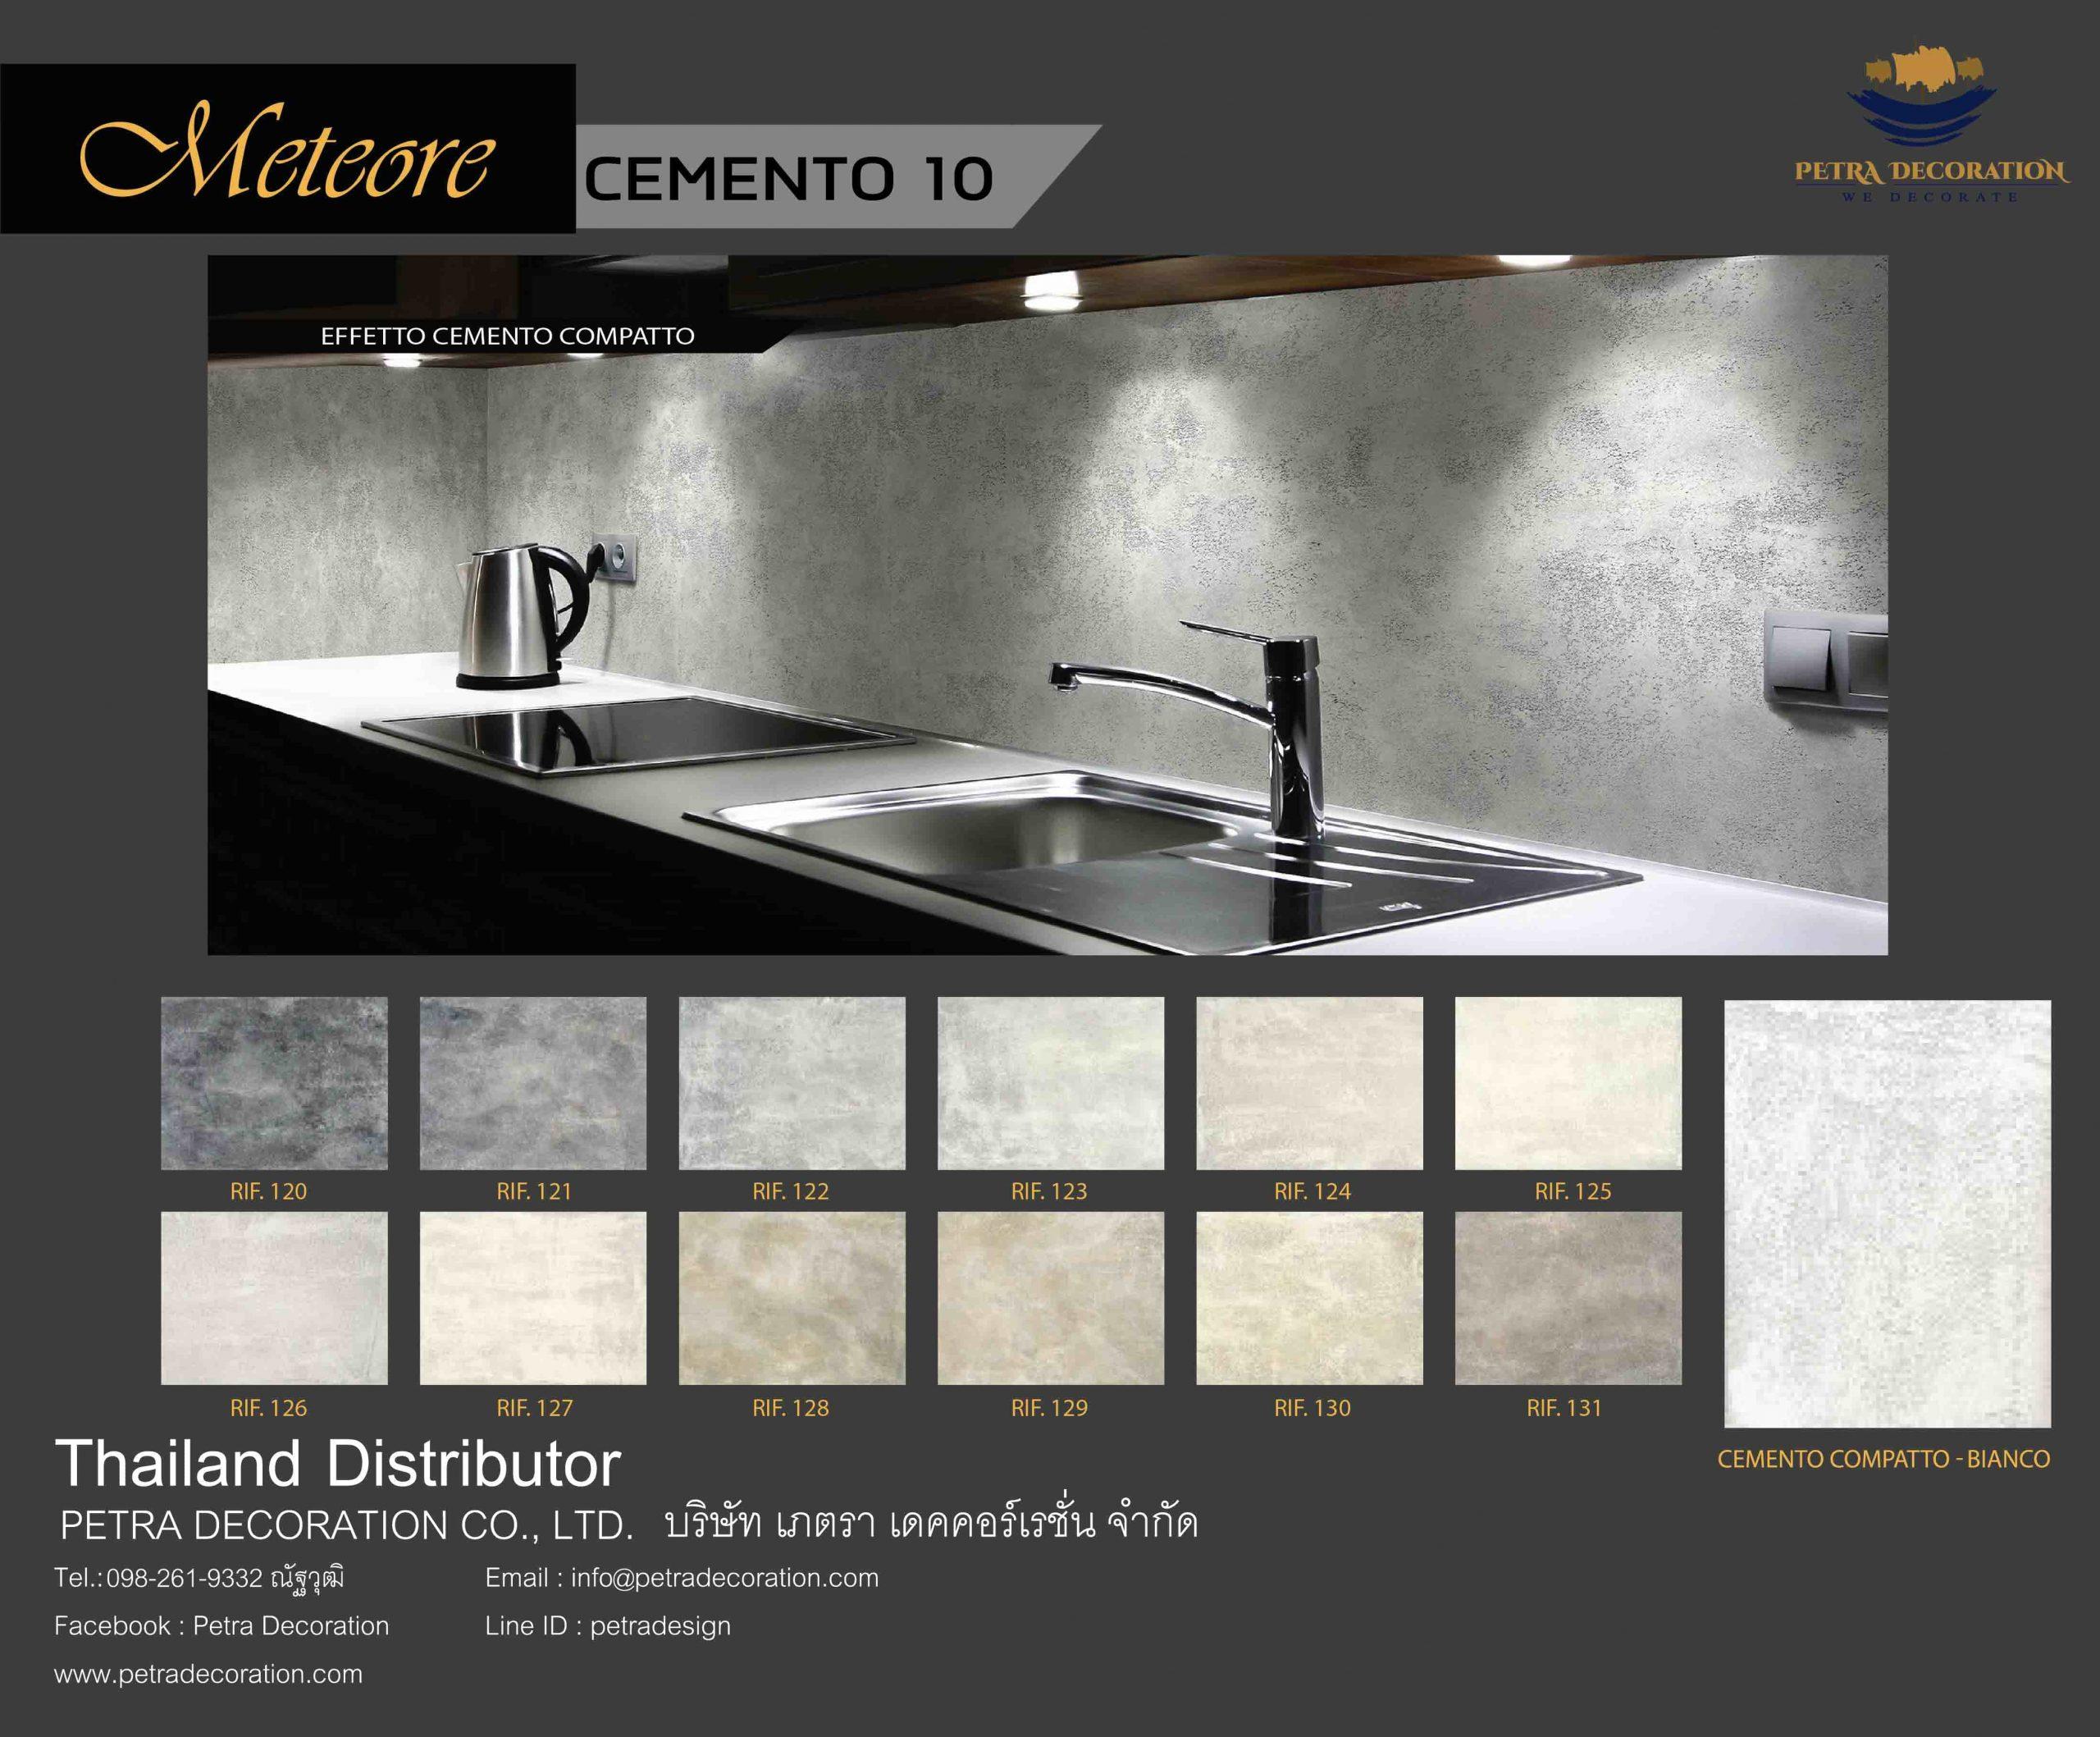 สีเทคเจอร์ Ecatalog cemento